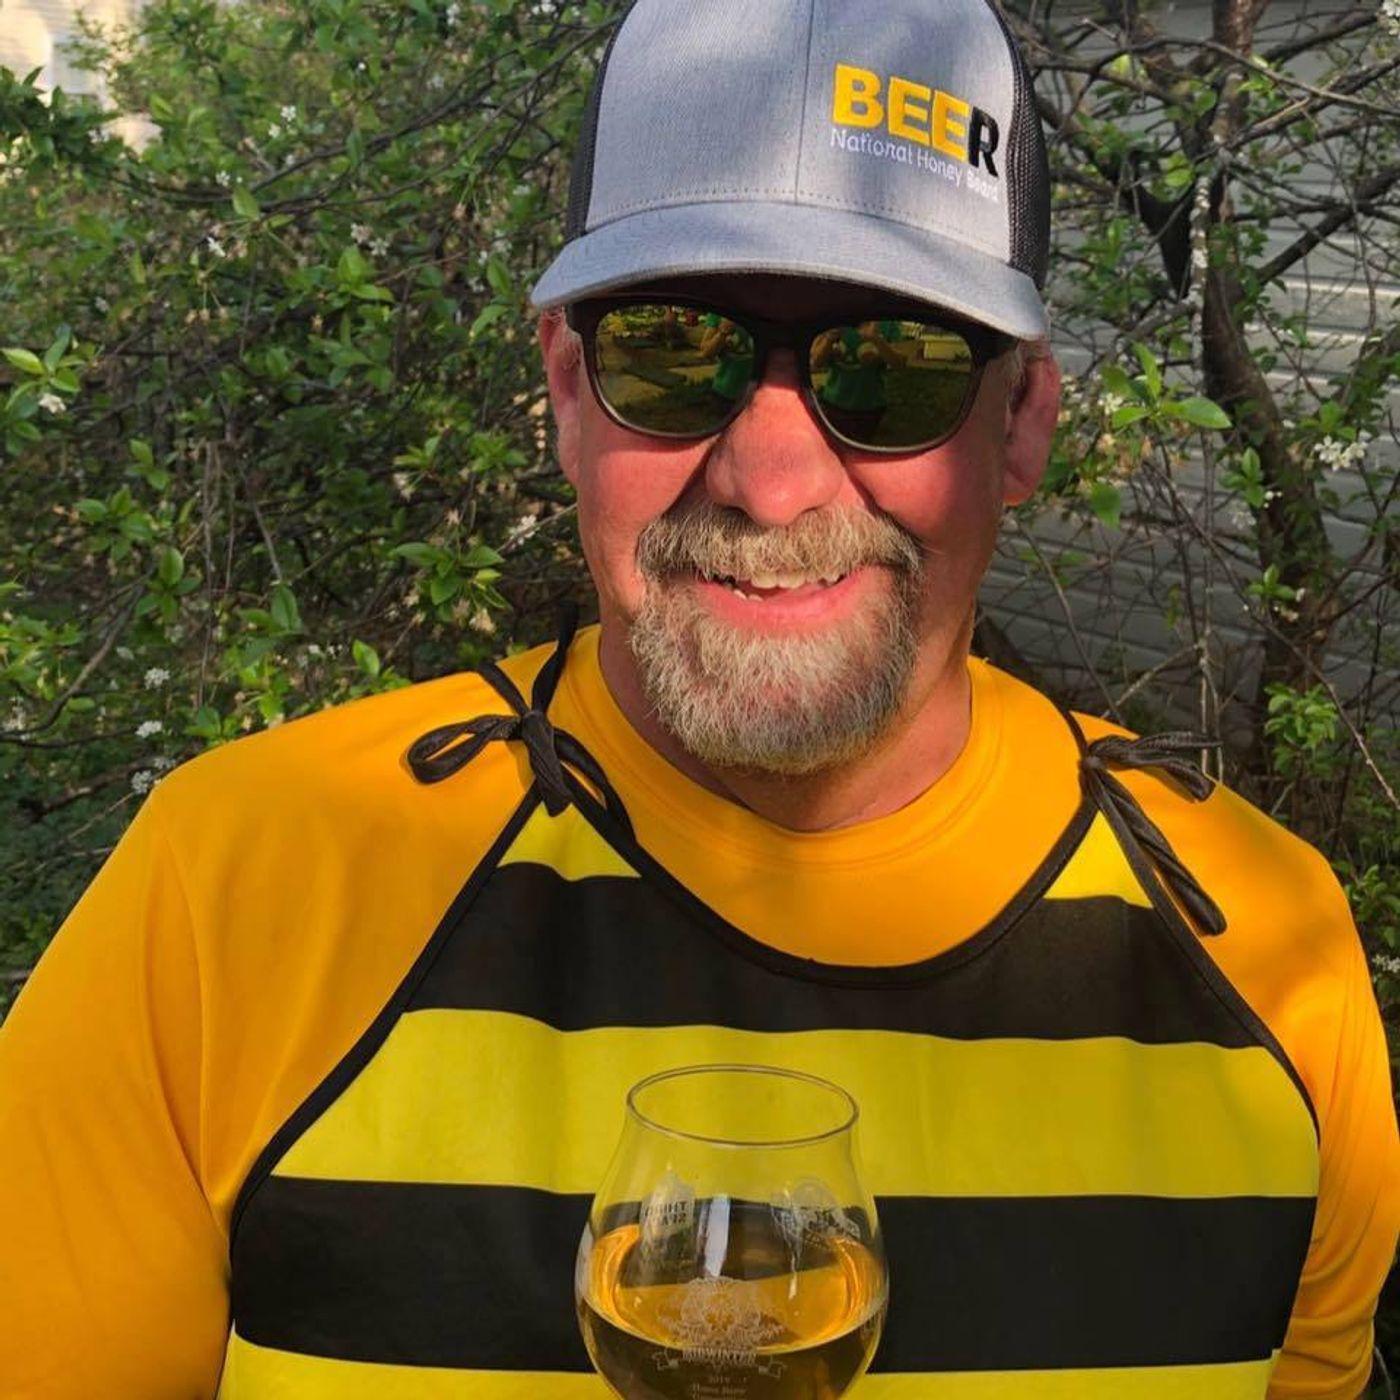 4-14-20 Scott Schaar - Mead, Beer and Meadmaking